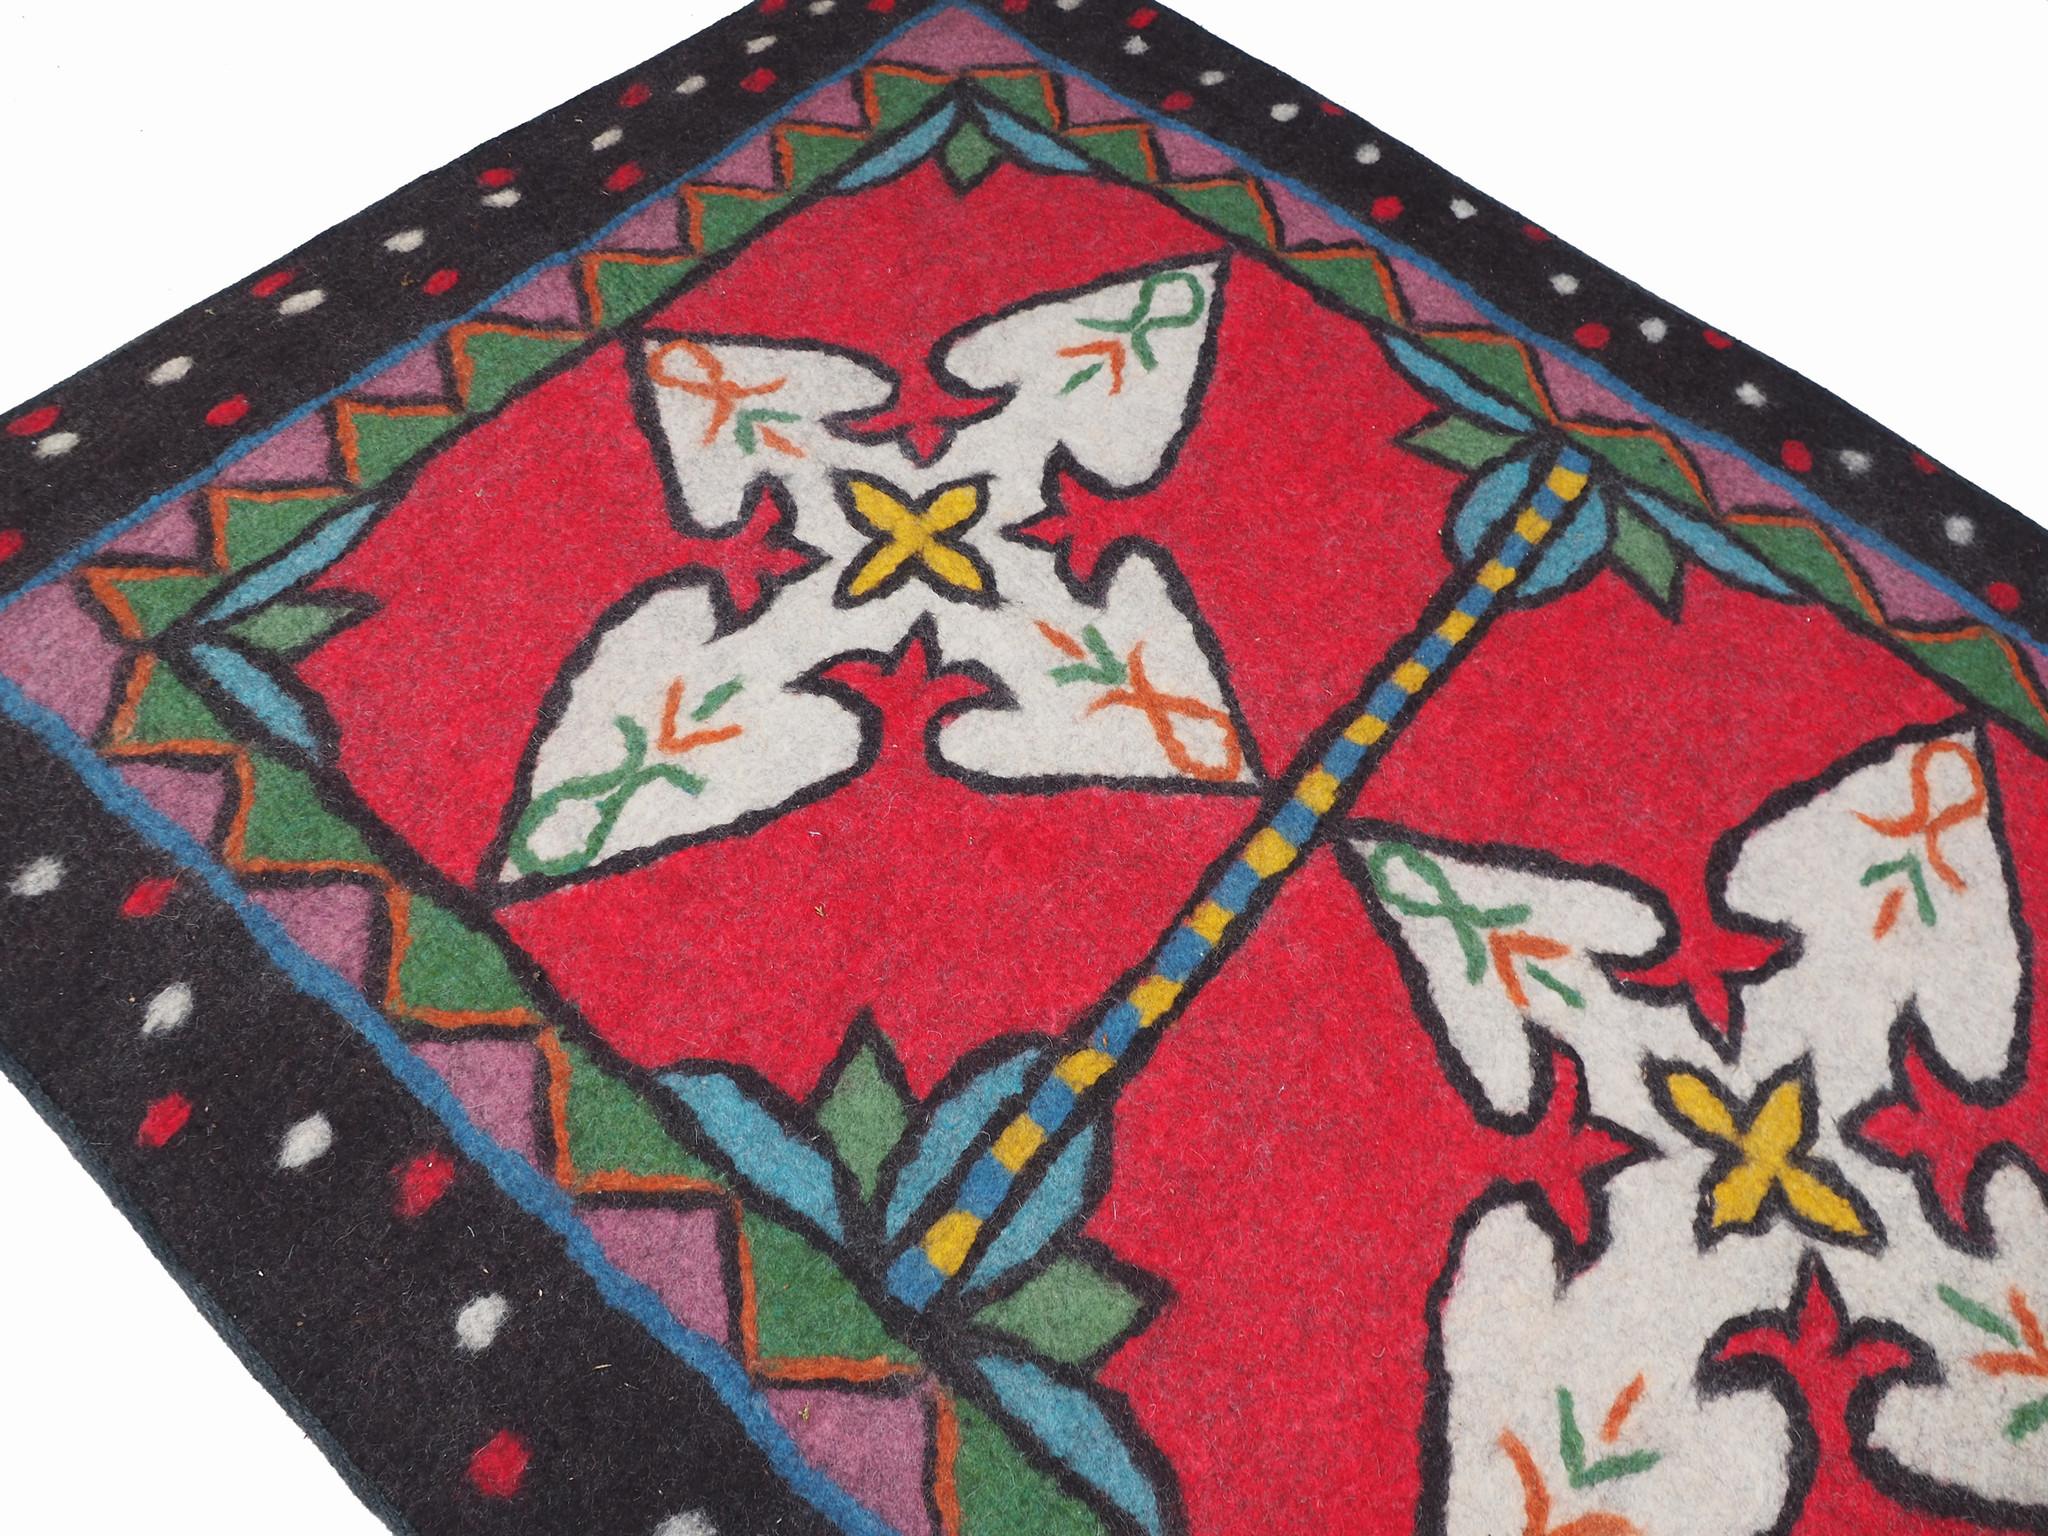 212x151 cm orient handgewebte Teppich Nomaden handgearbeitete Turkmenische nomanden Jurten Zelt Filzteppich Filz Nor Afghanistan shyrdak 696